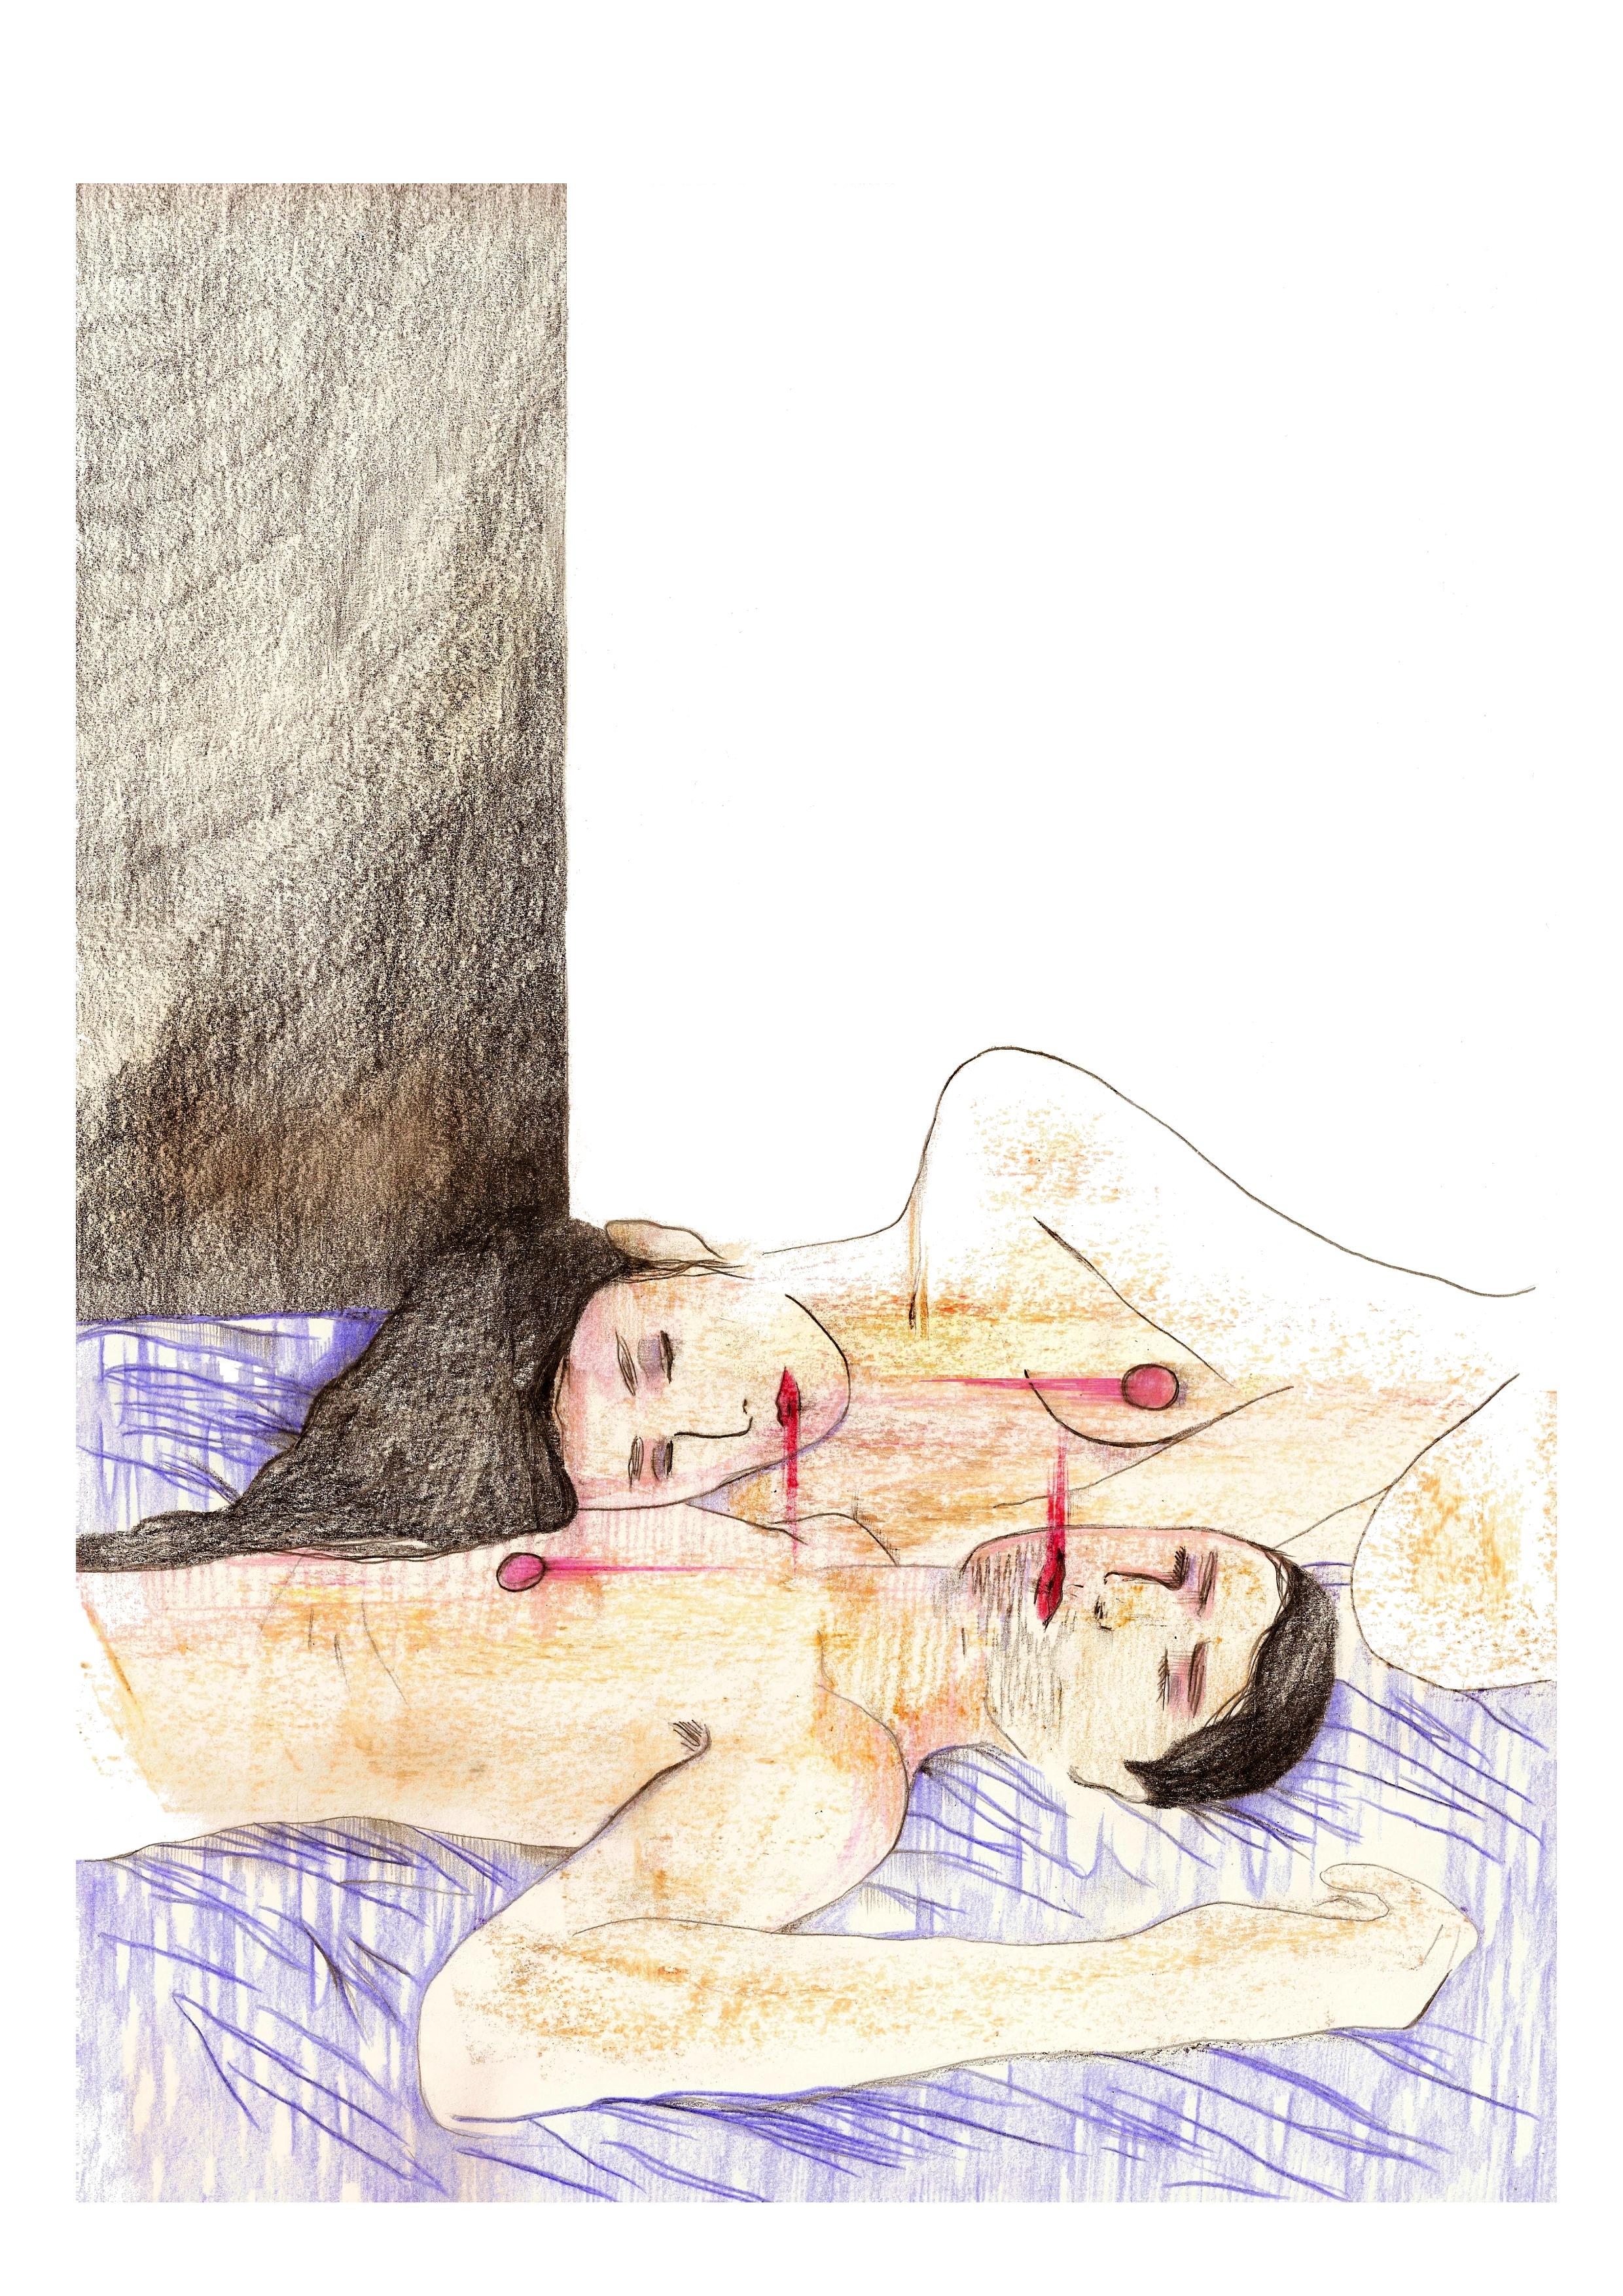 Les traces | GALERIE TREIZE DIX / LES TRACES | NOÉMIE CHUST